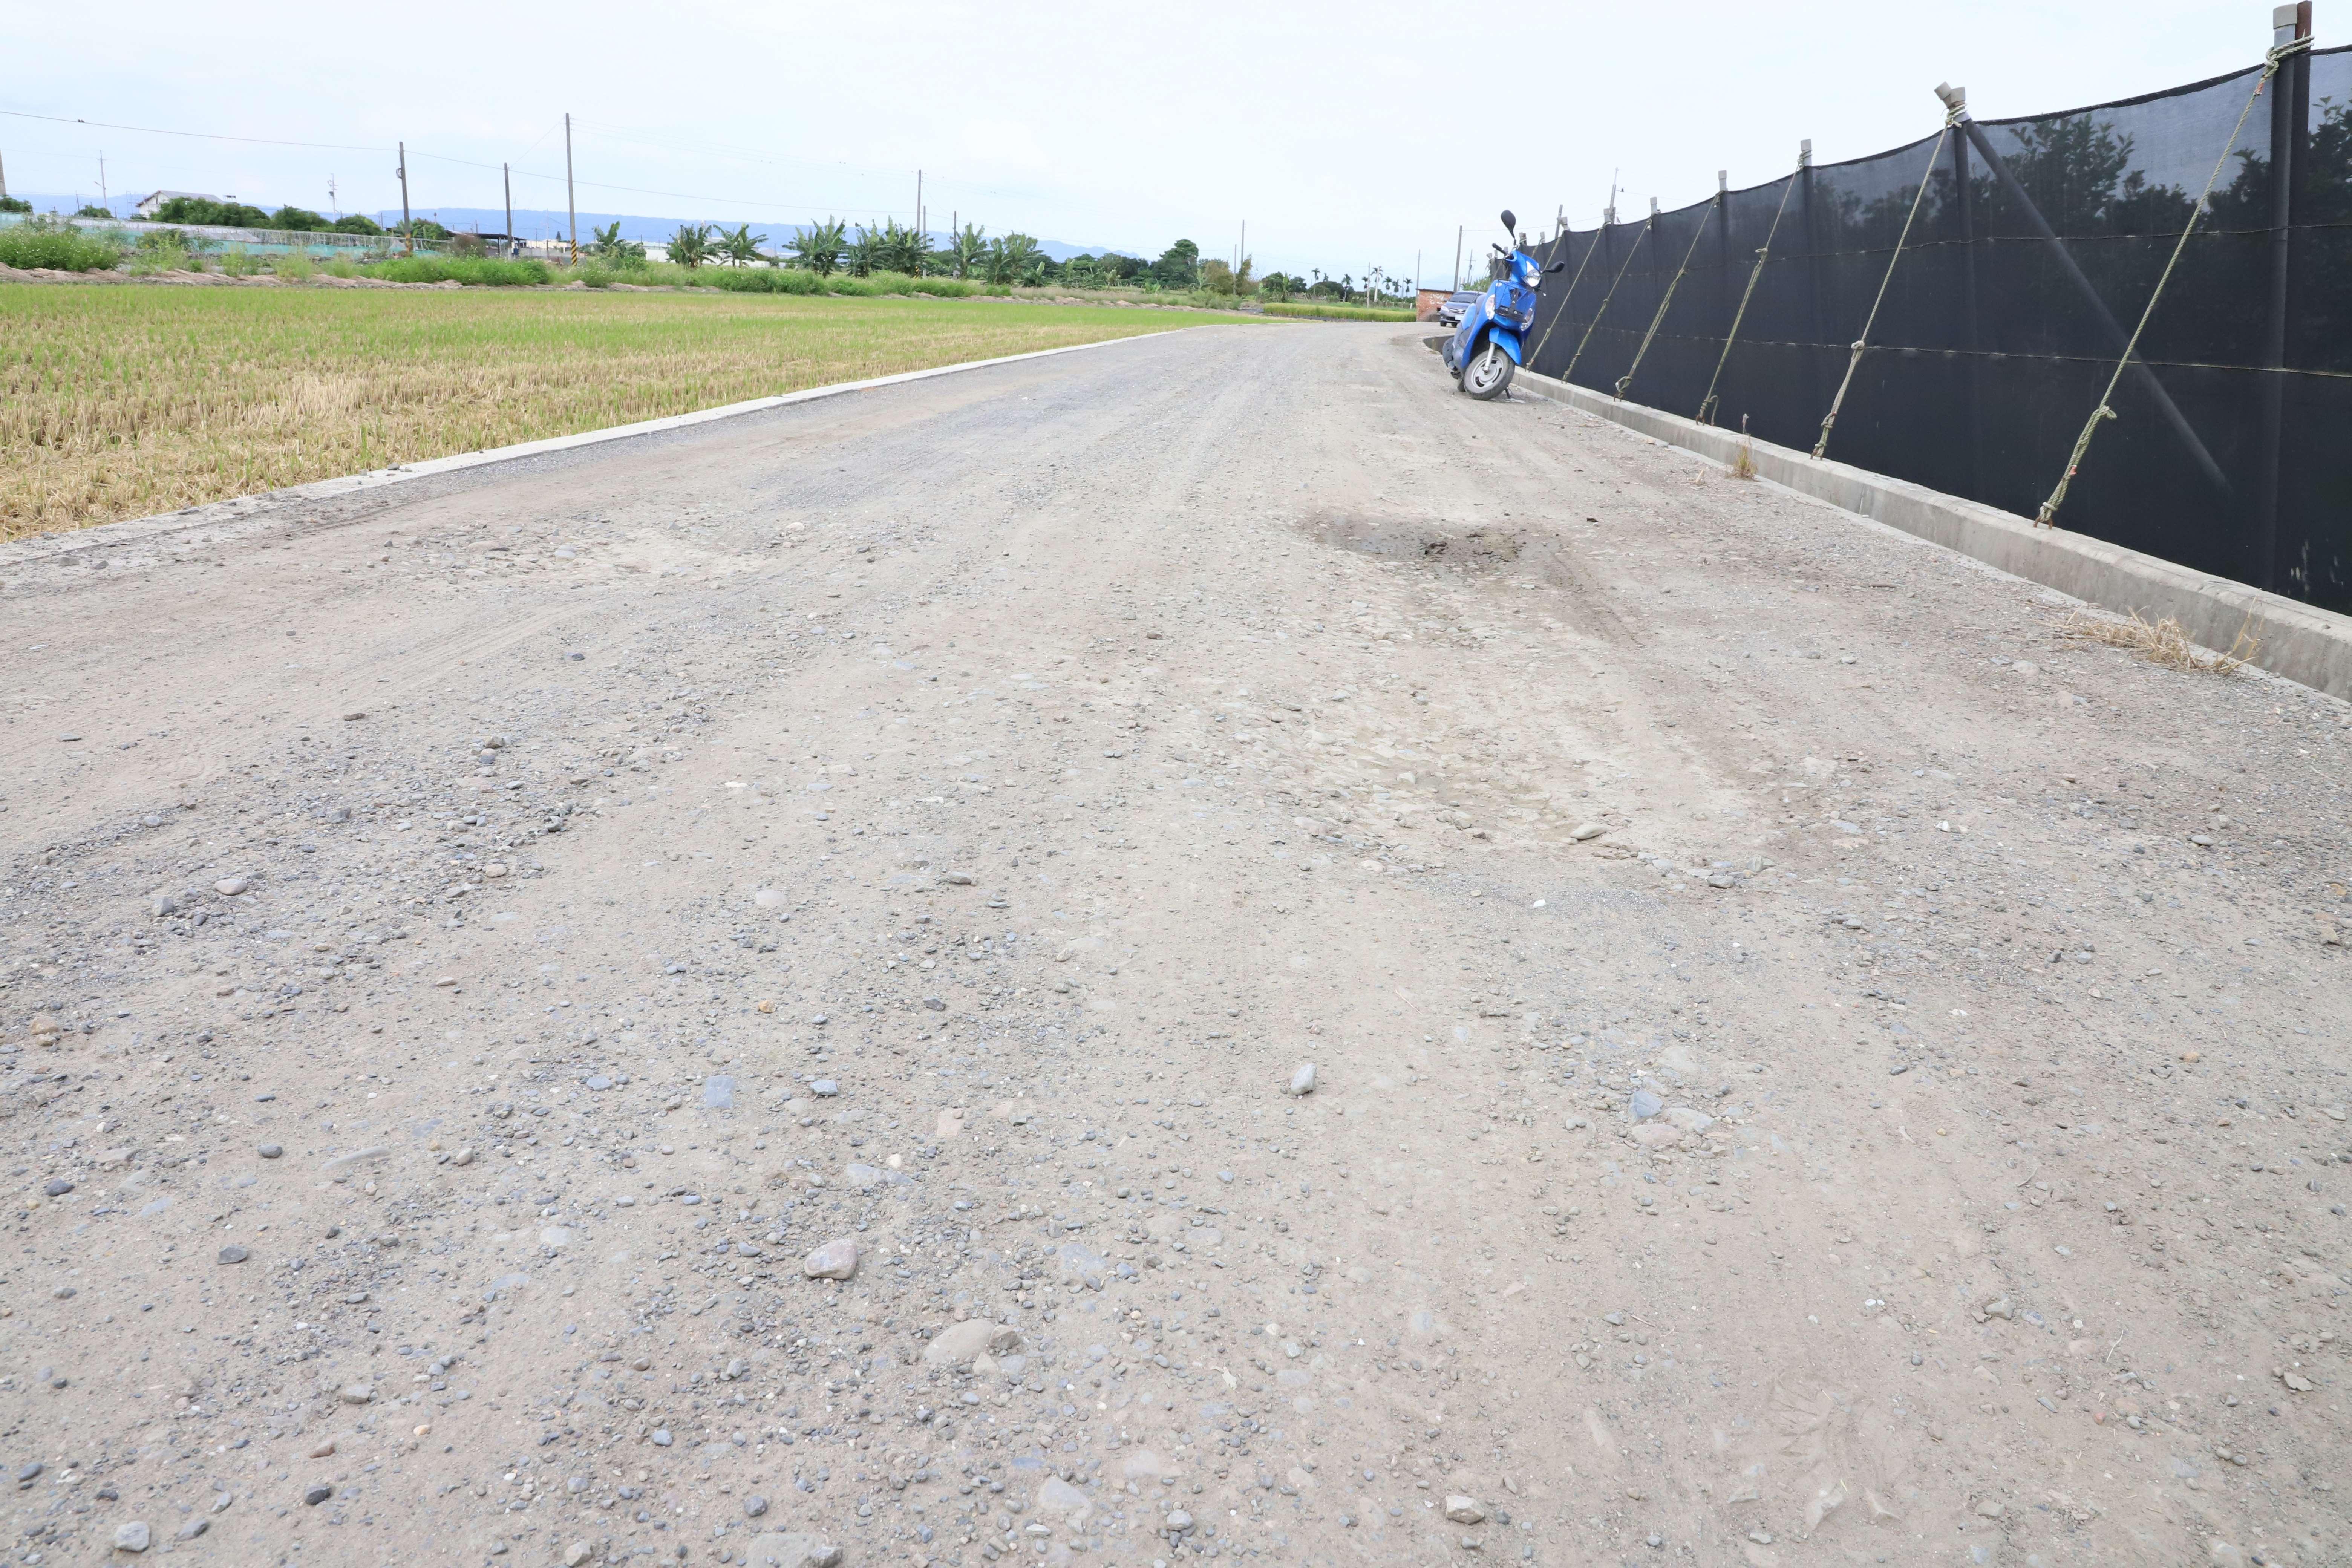 莿桐鄉大埔尾(二)早期農地重劃區,去年完成更新改善工程後,未鋪設瀝青混凝土路面,地方反映影響行車安全。